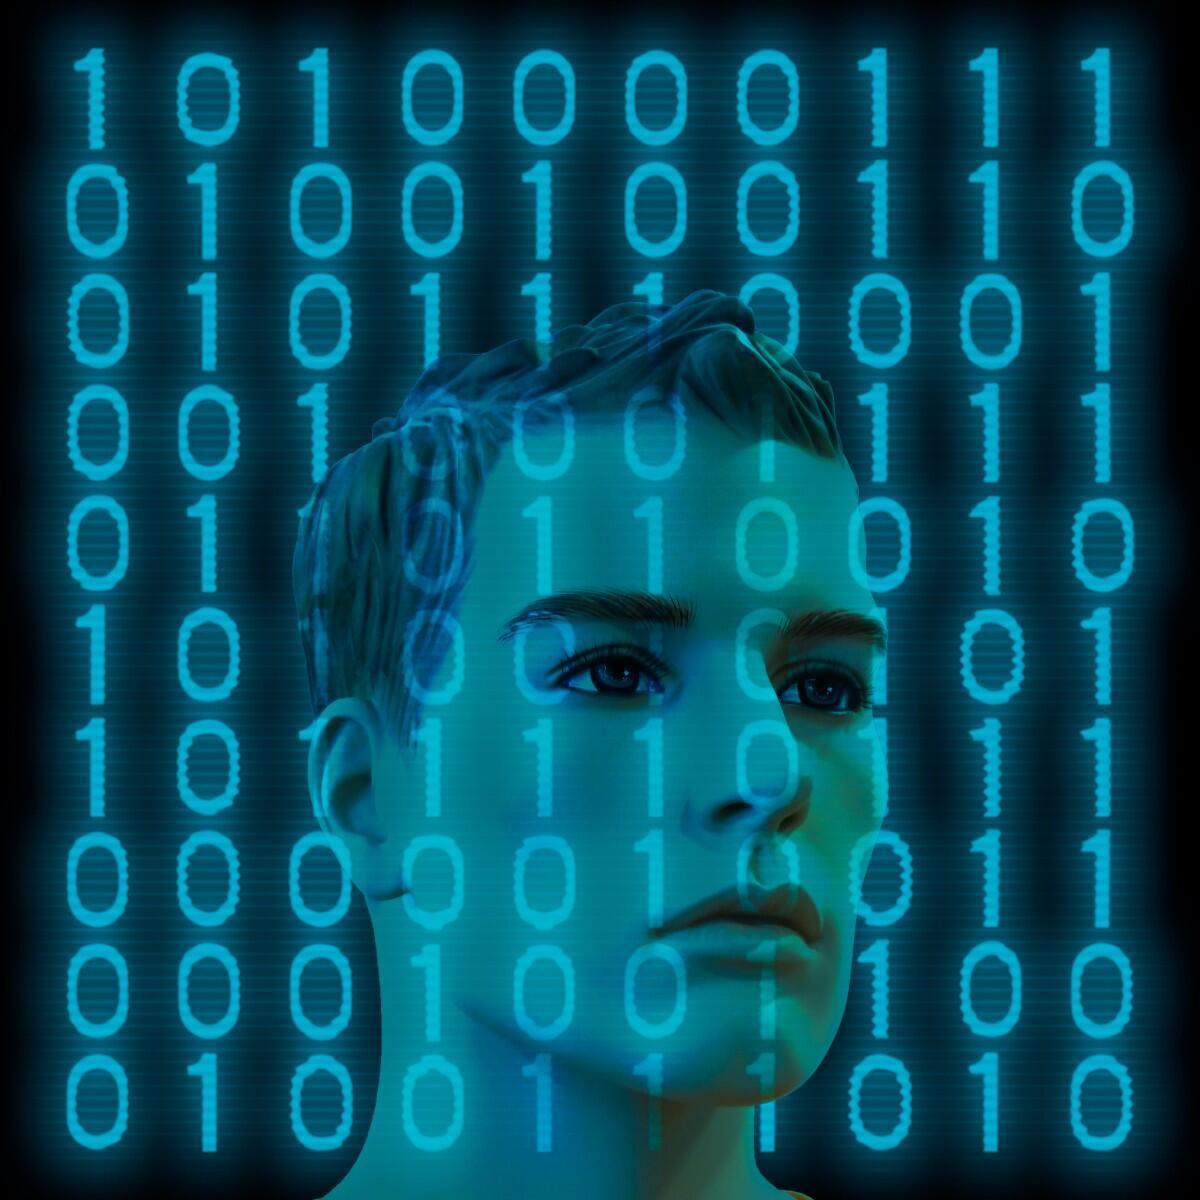 L'intelligence humaine n'est pas un algorithme.